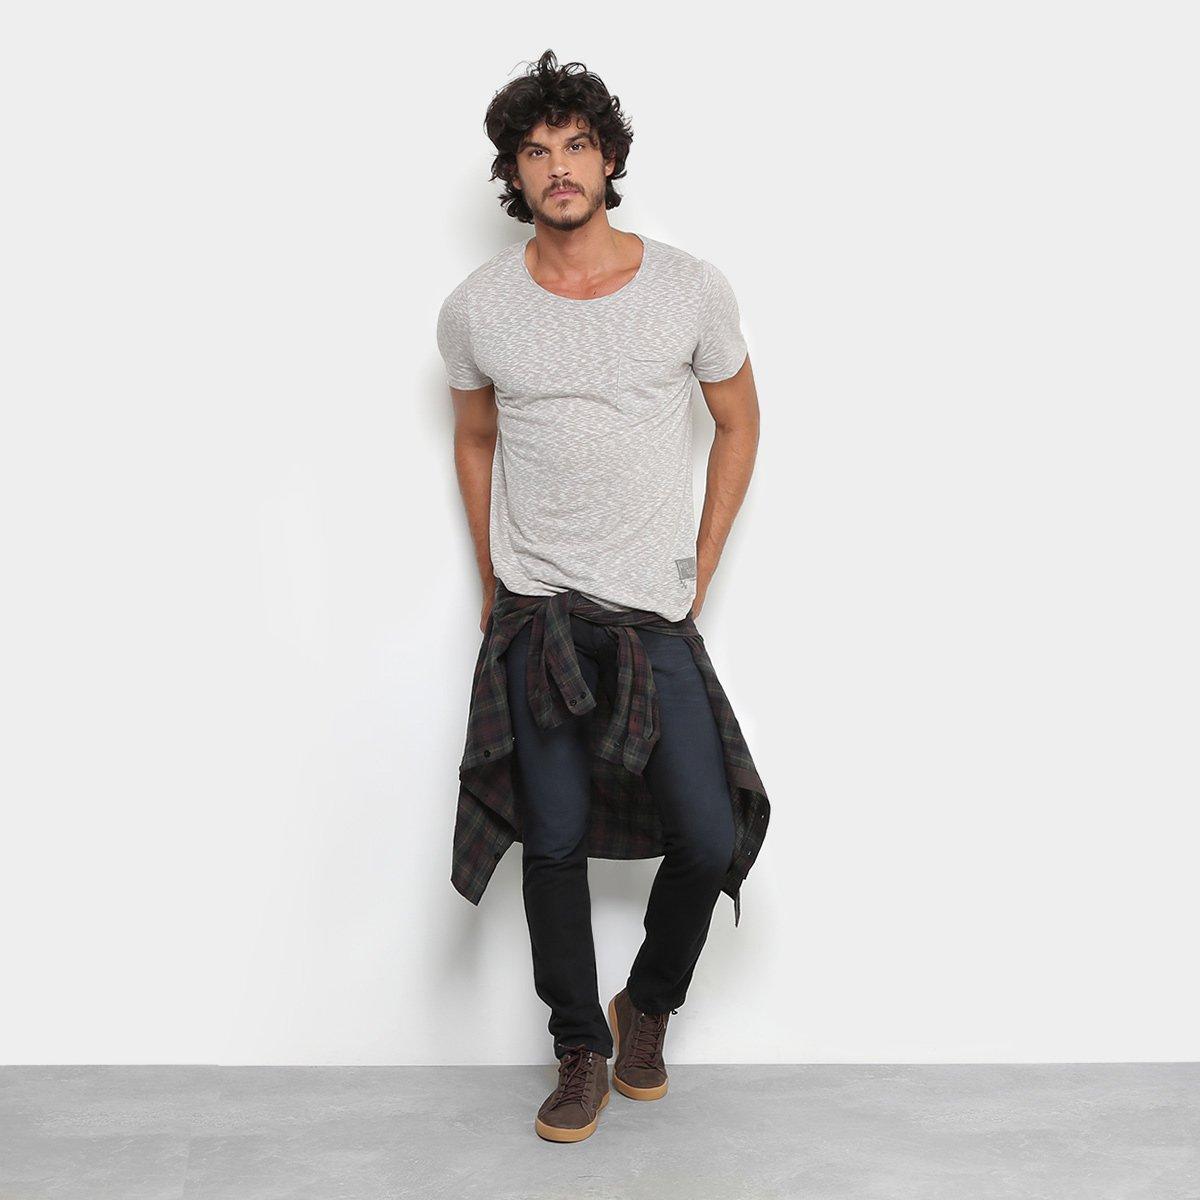 103dc3f26 Calça Jeans Skinny Preston Estonada Black Masculina | Livelo -Sua Vida com  Mais Recompensas